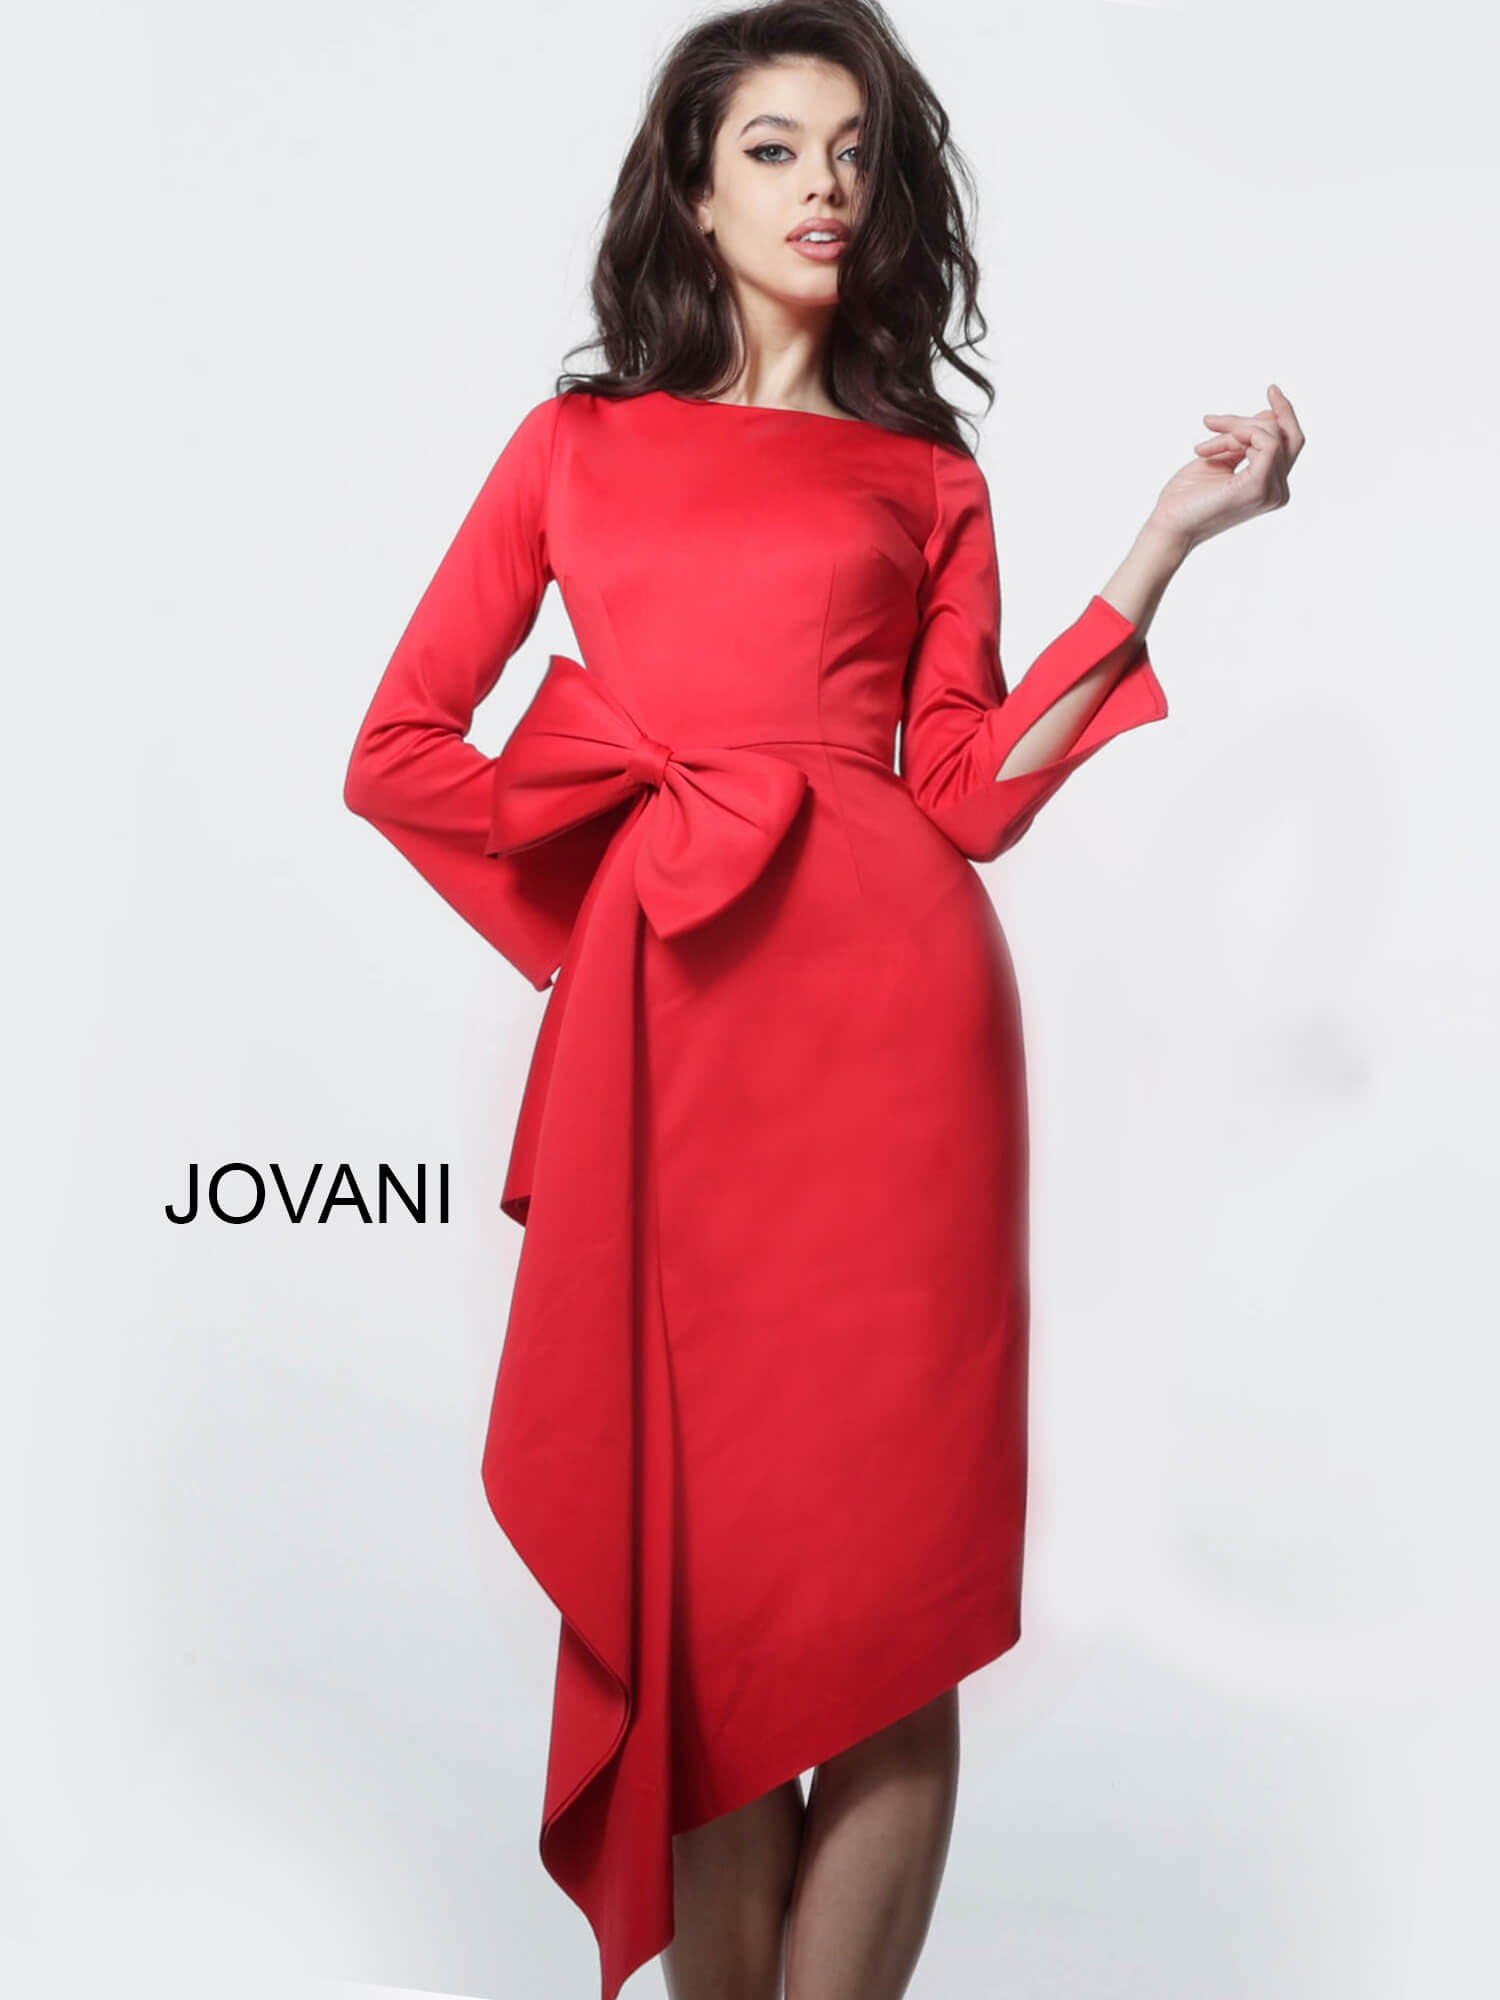 مدل لباس مجلسی - سری 2020 برند ژوانی